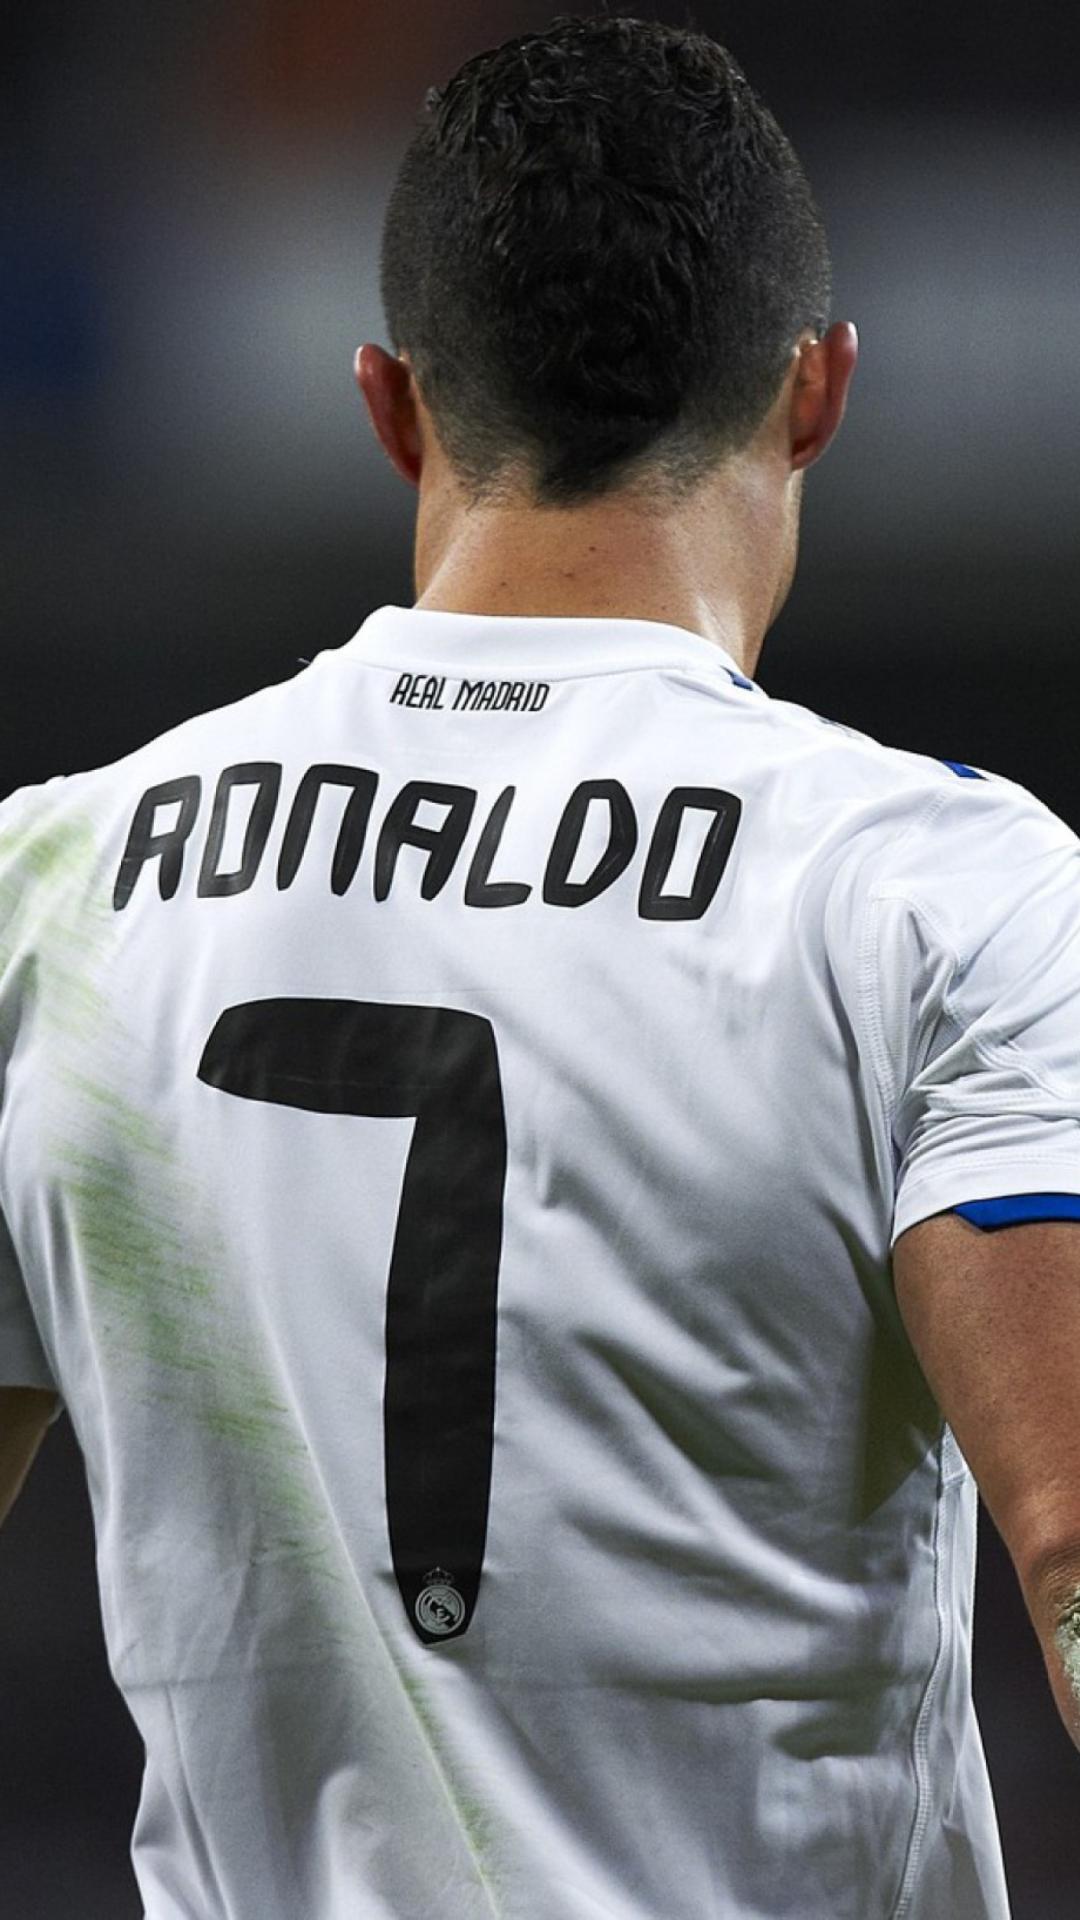 Cristiano Ronaldo Quotes Wallpaper Hd Cristiano Ronaldo Iphone Wallpaper Hd Pixelstalk Net